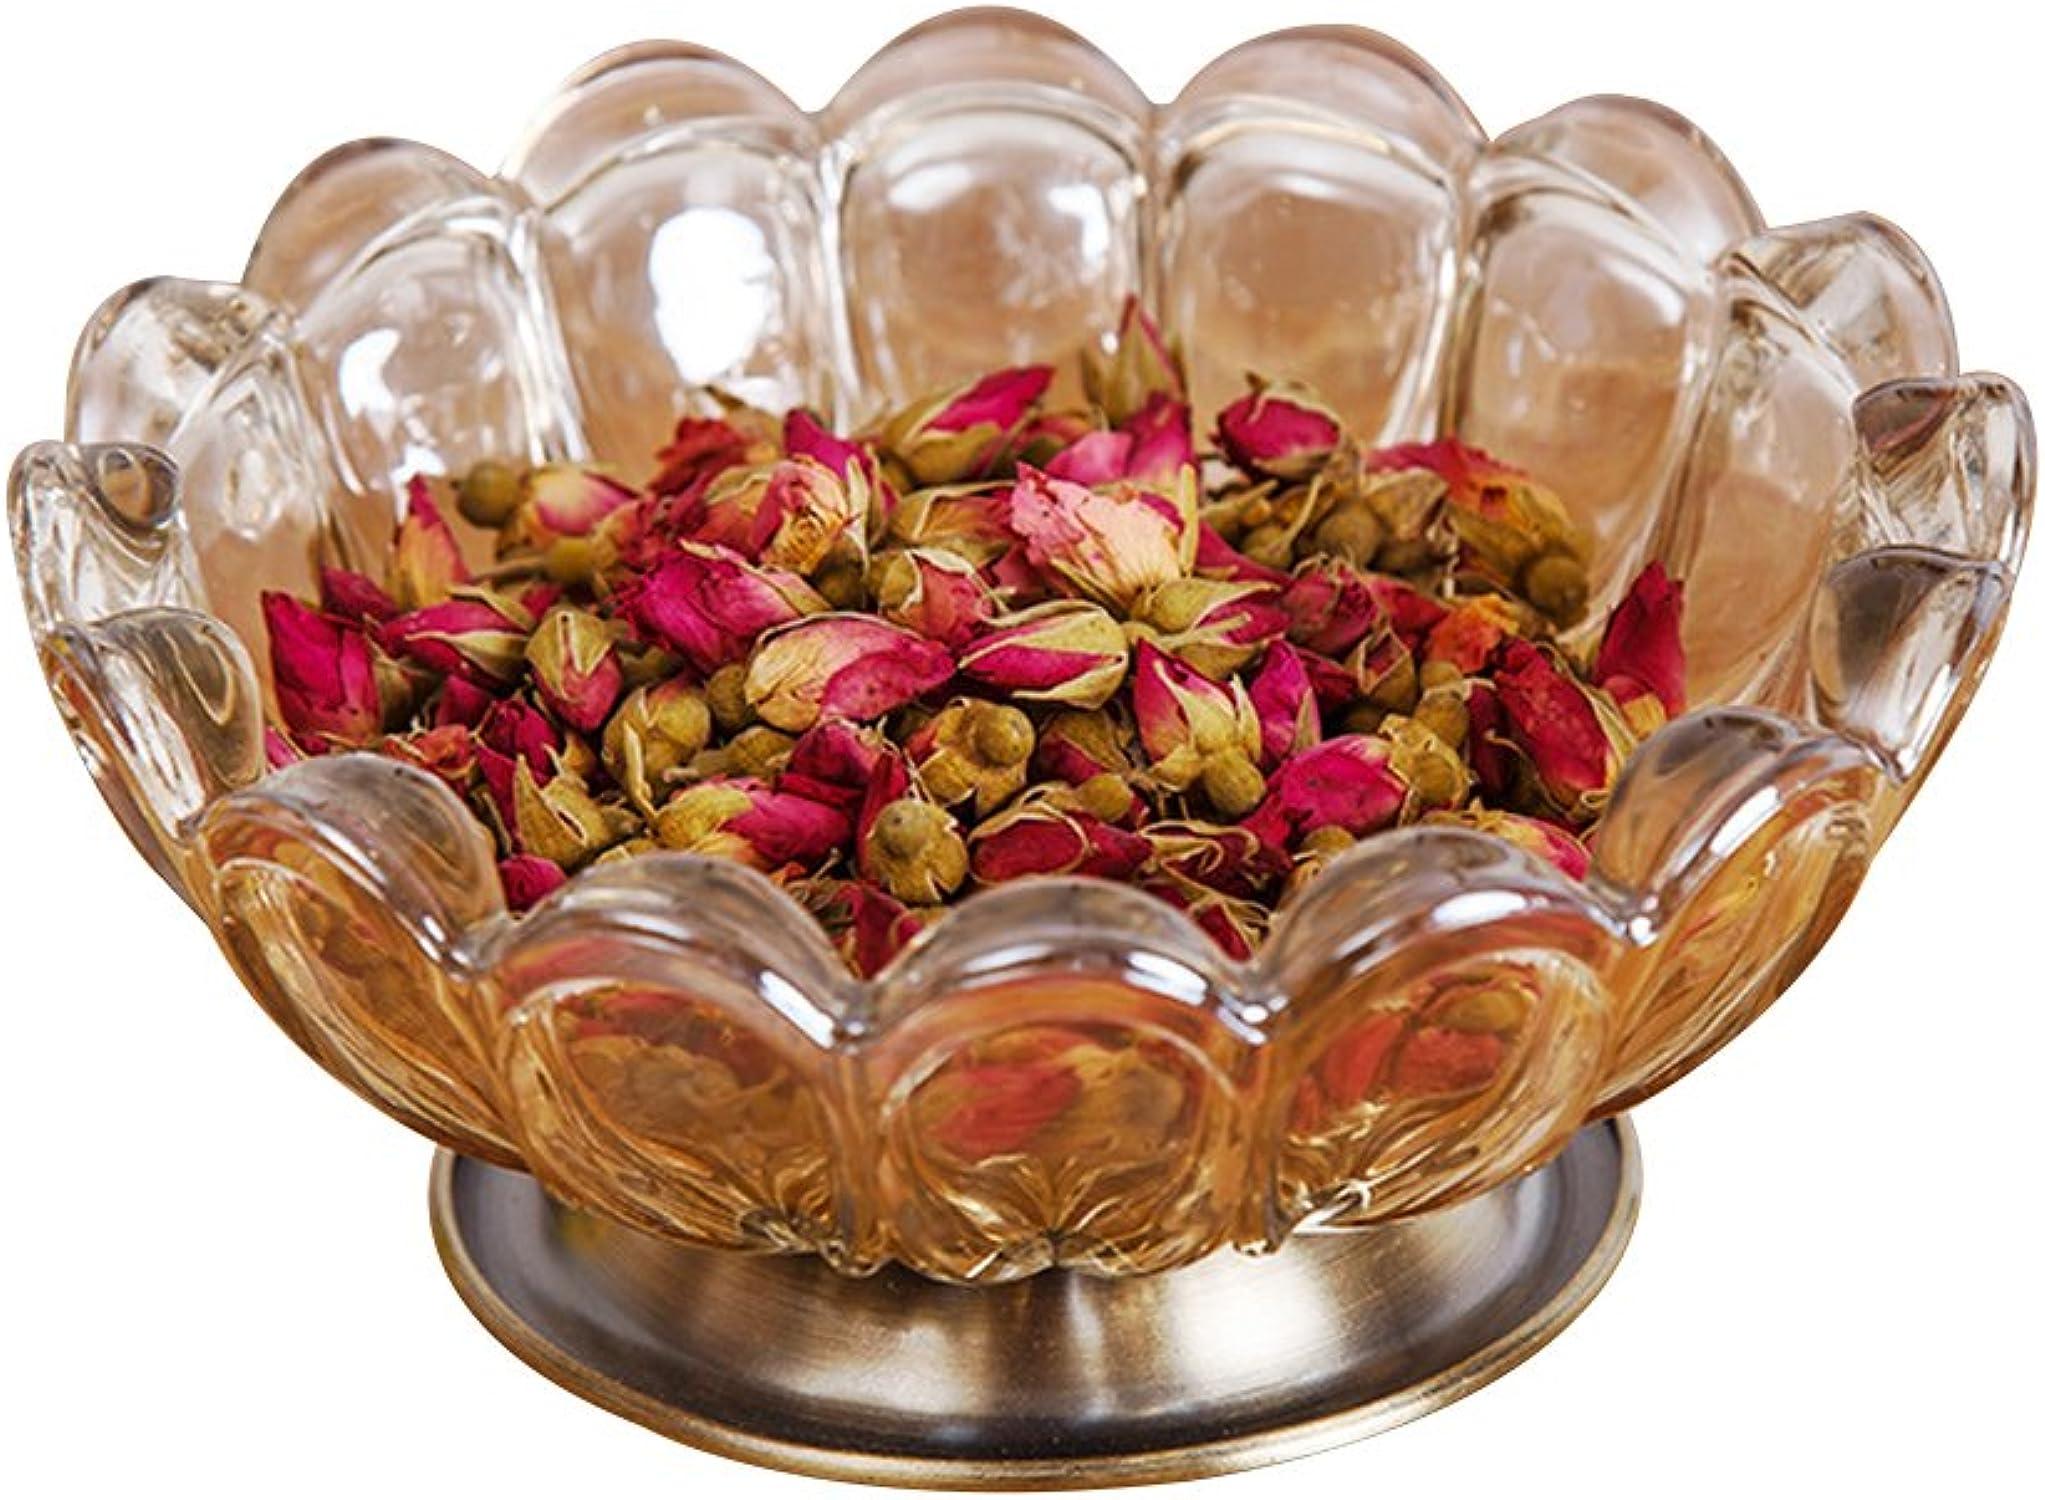 Verre Assiettes à fruits plaque de verre cristal Verre Clair Saladier Convient pour fruits, noix, desserts Cendrier